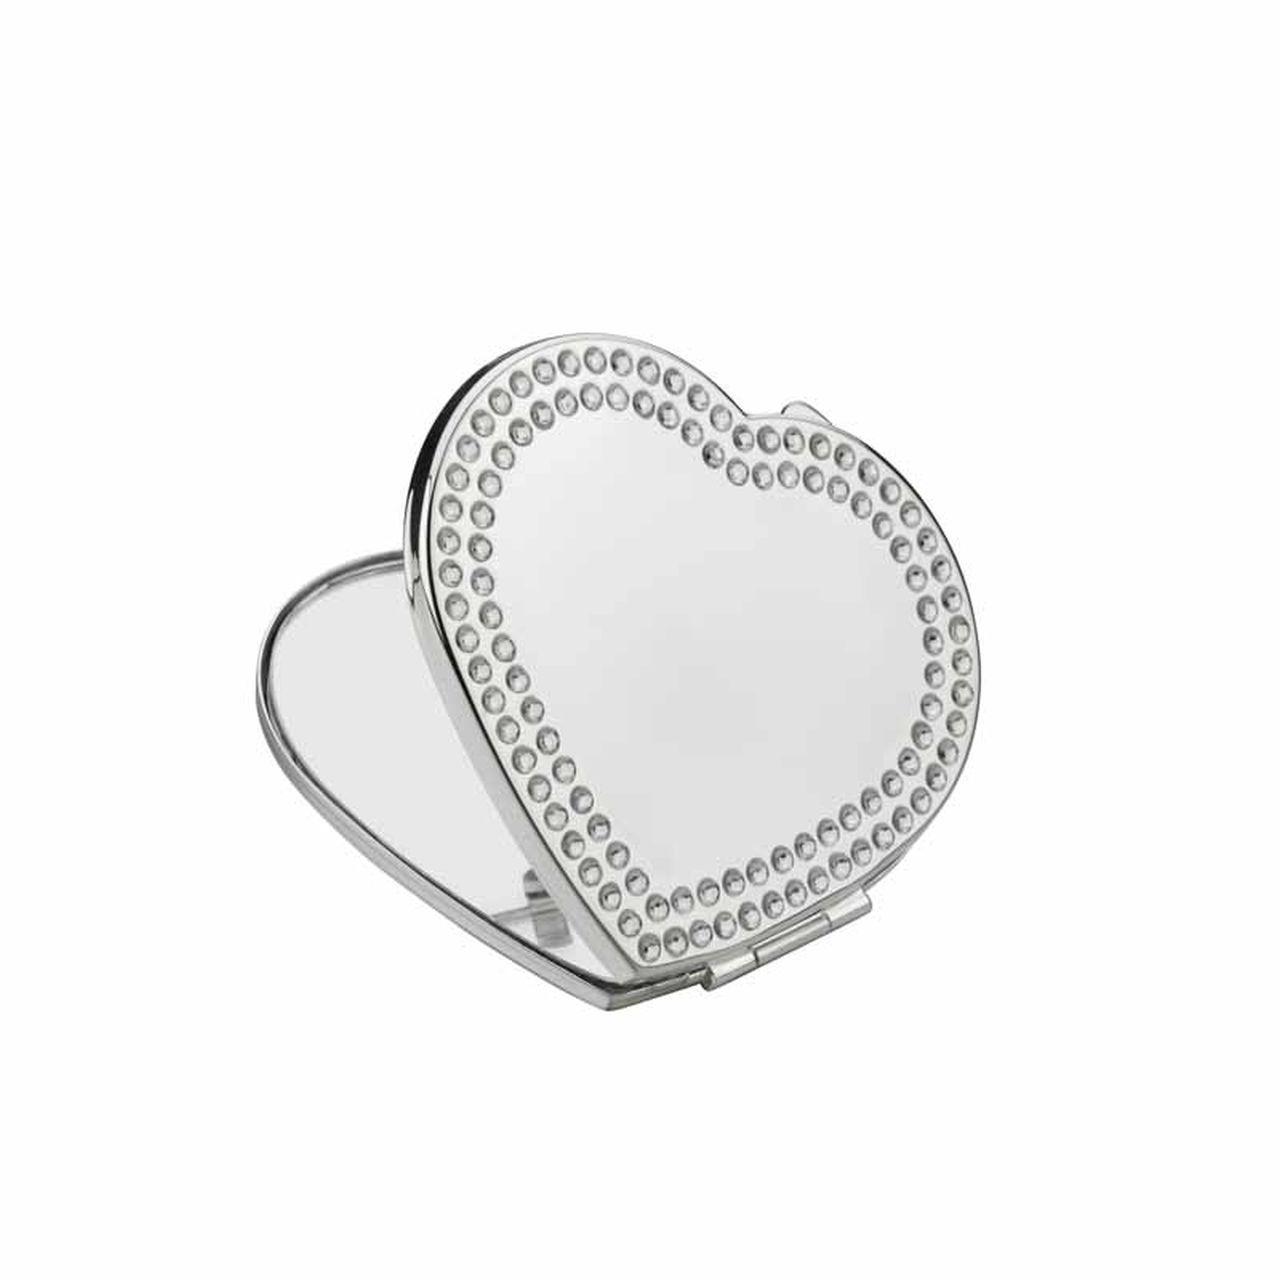 Specchietto cuore silver plated